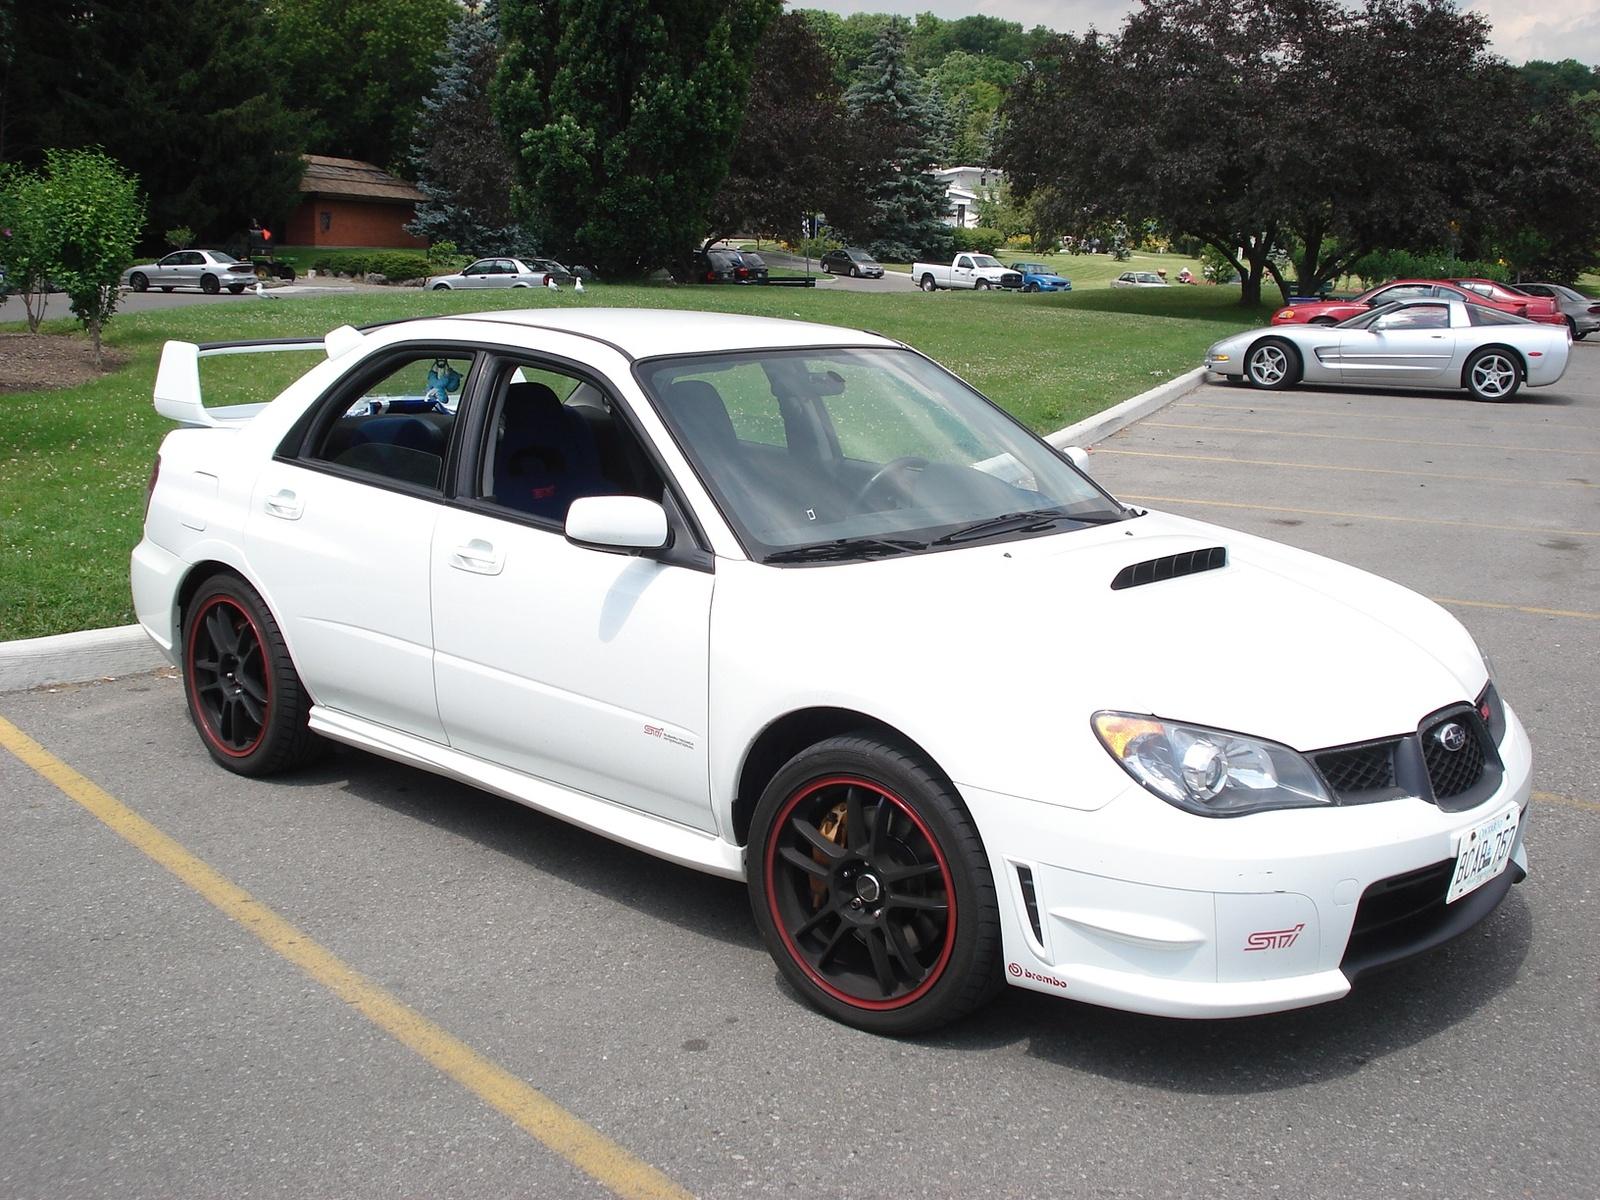 2006 Subaru Impreza WRX STi WRX STi picture, exterior